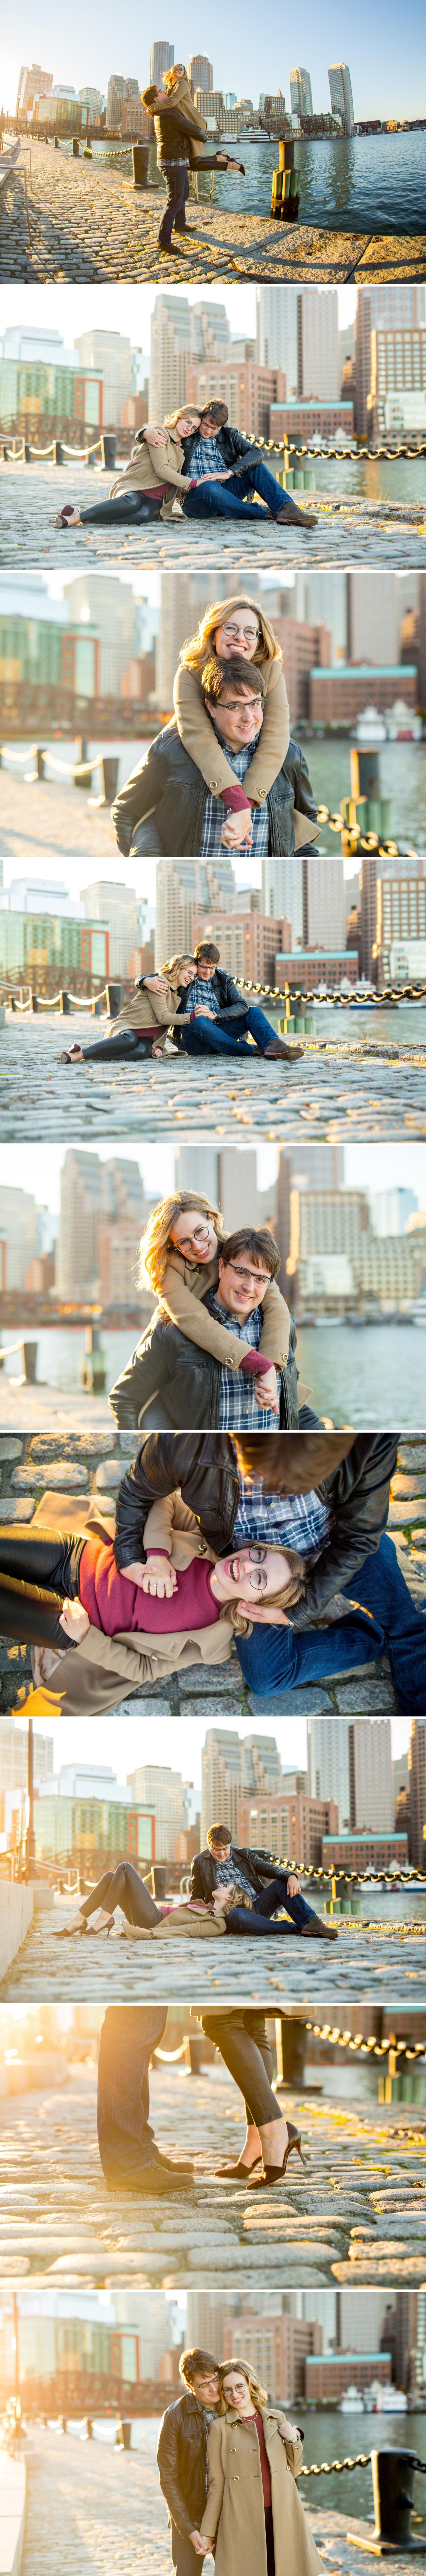 Boston Seaport Engagement Session - Fan Pier Park